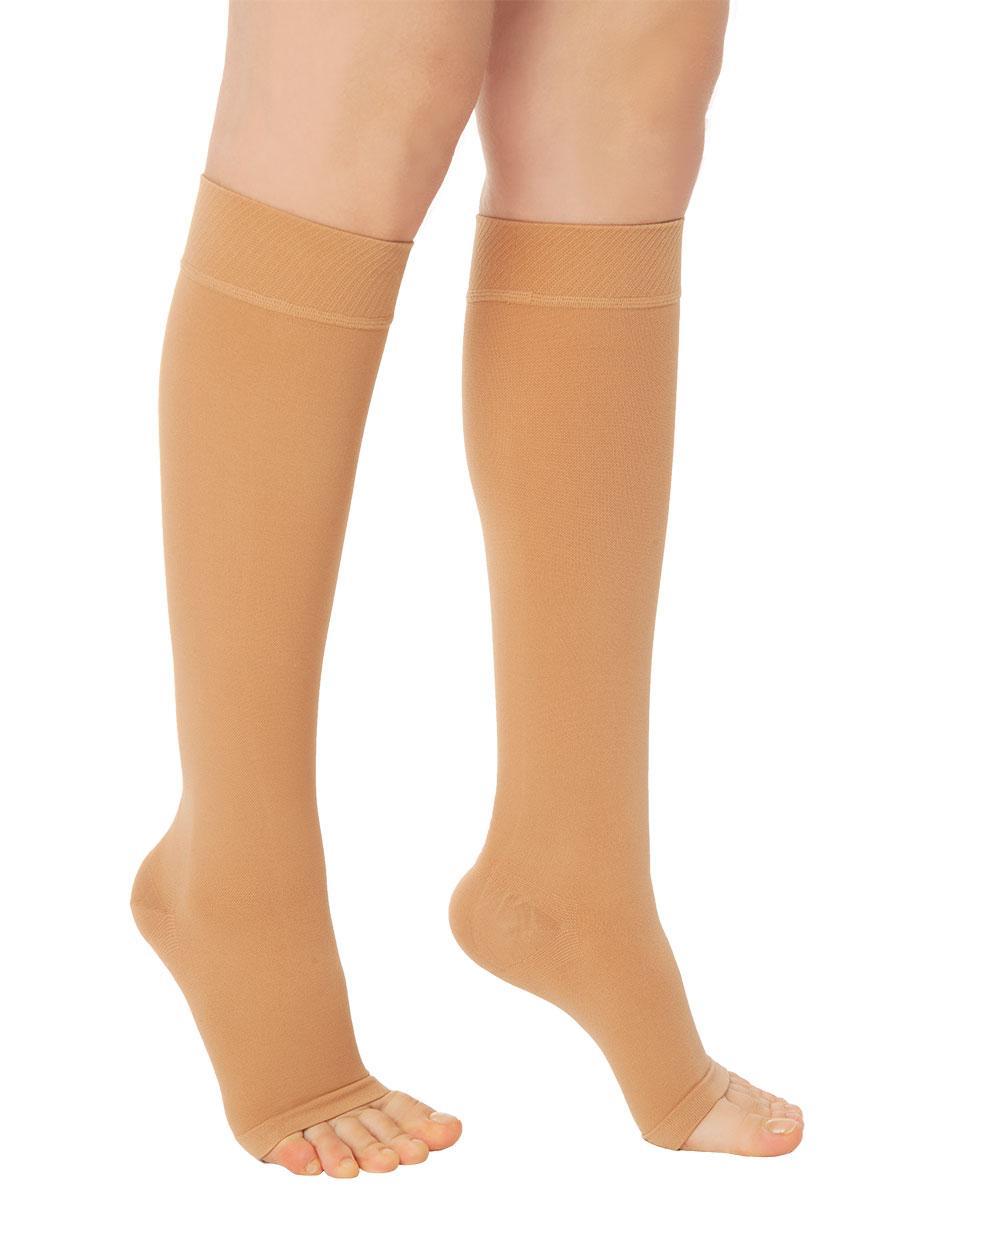 Панчохи антиварикозні 2 класу компресії Variteks до колін з відкритим носком